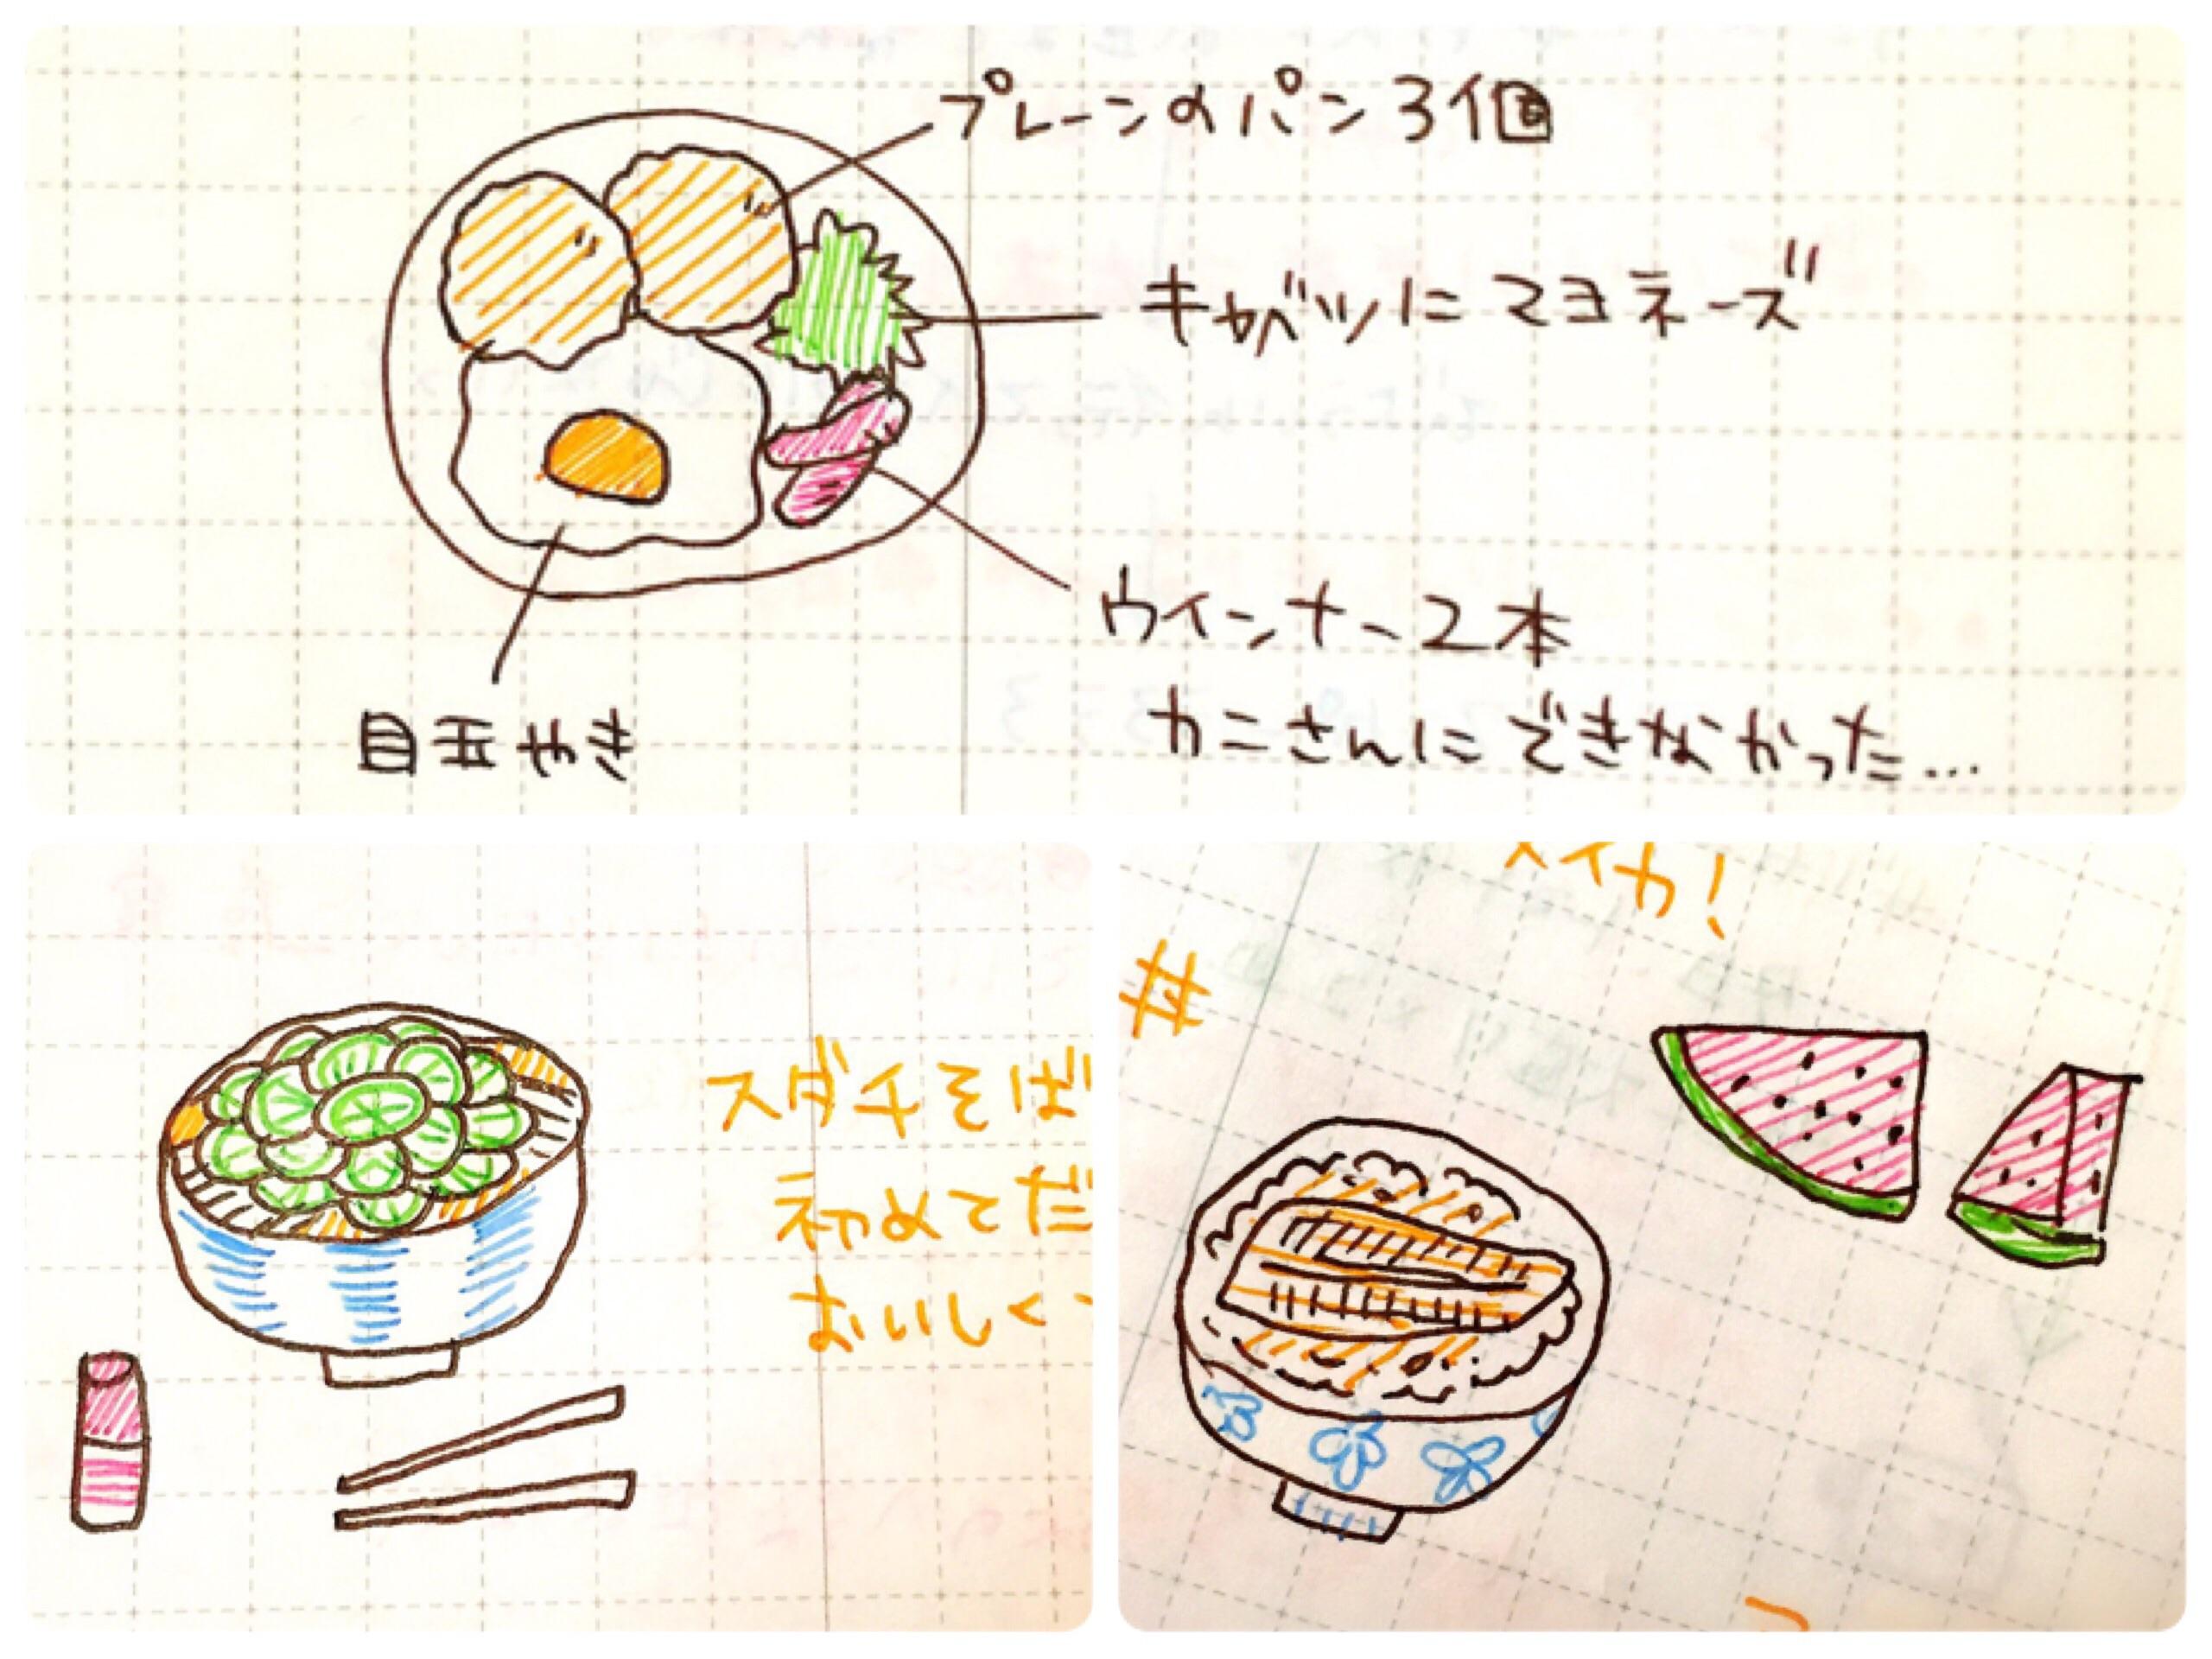 2日分で500円!】5色ボールペンで日記を書きます♪ イラストのみも